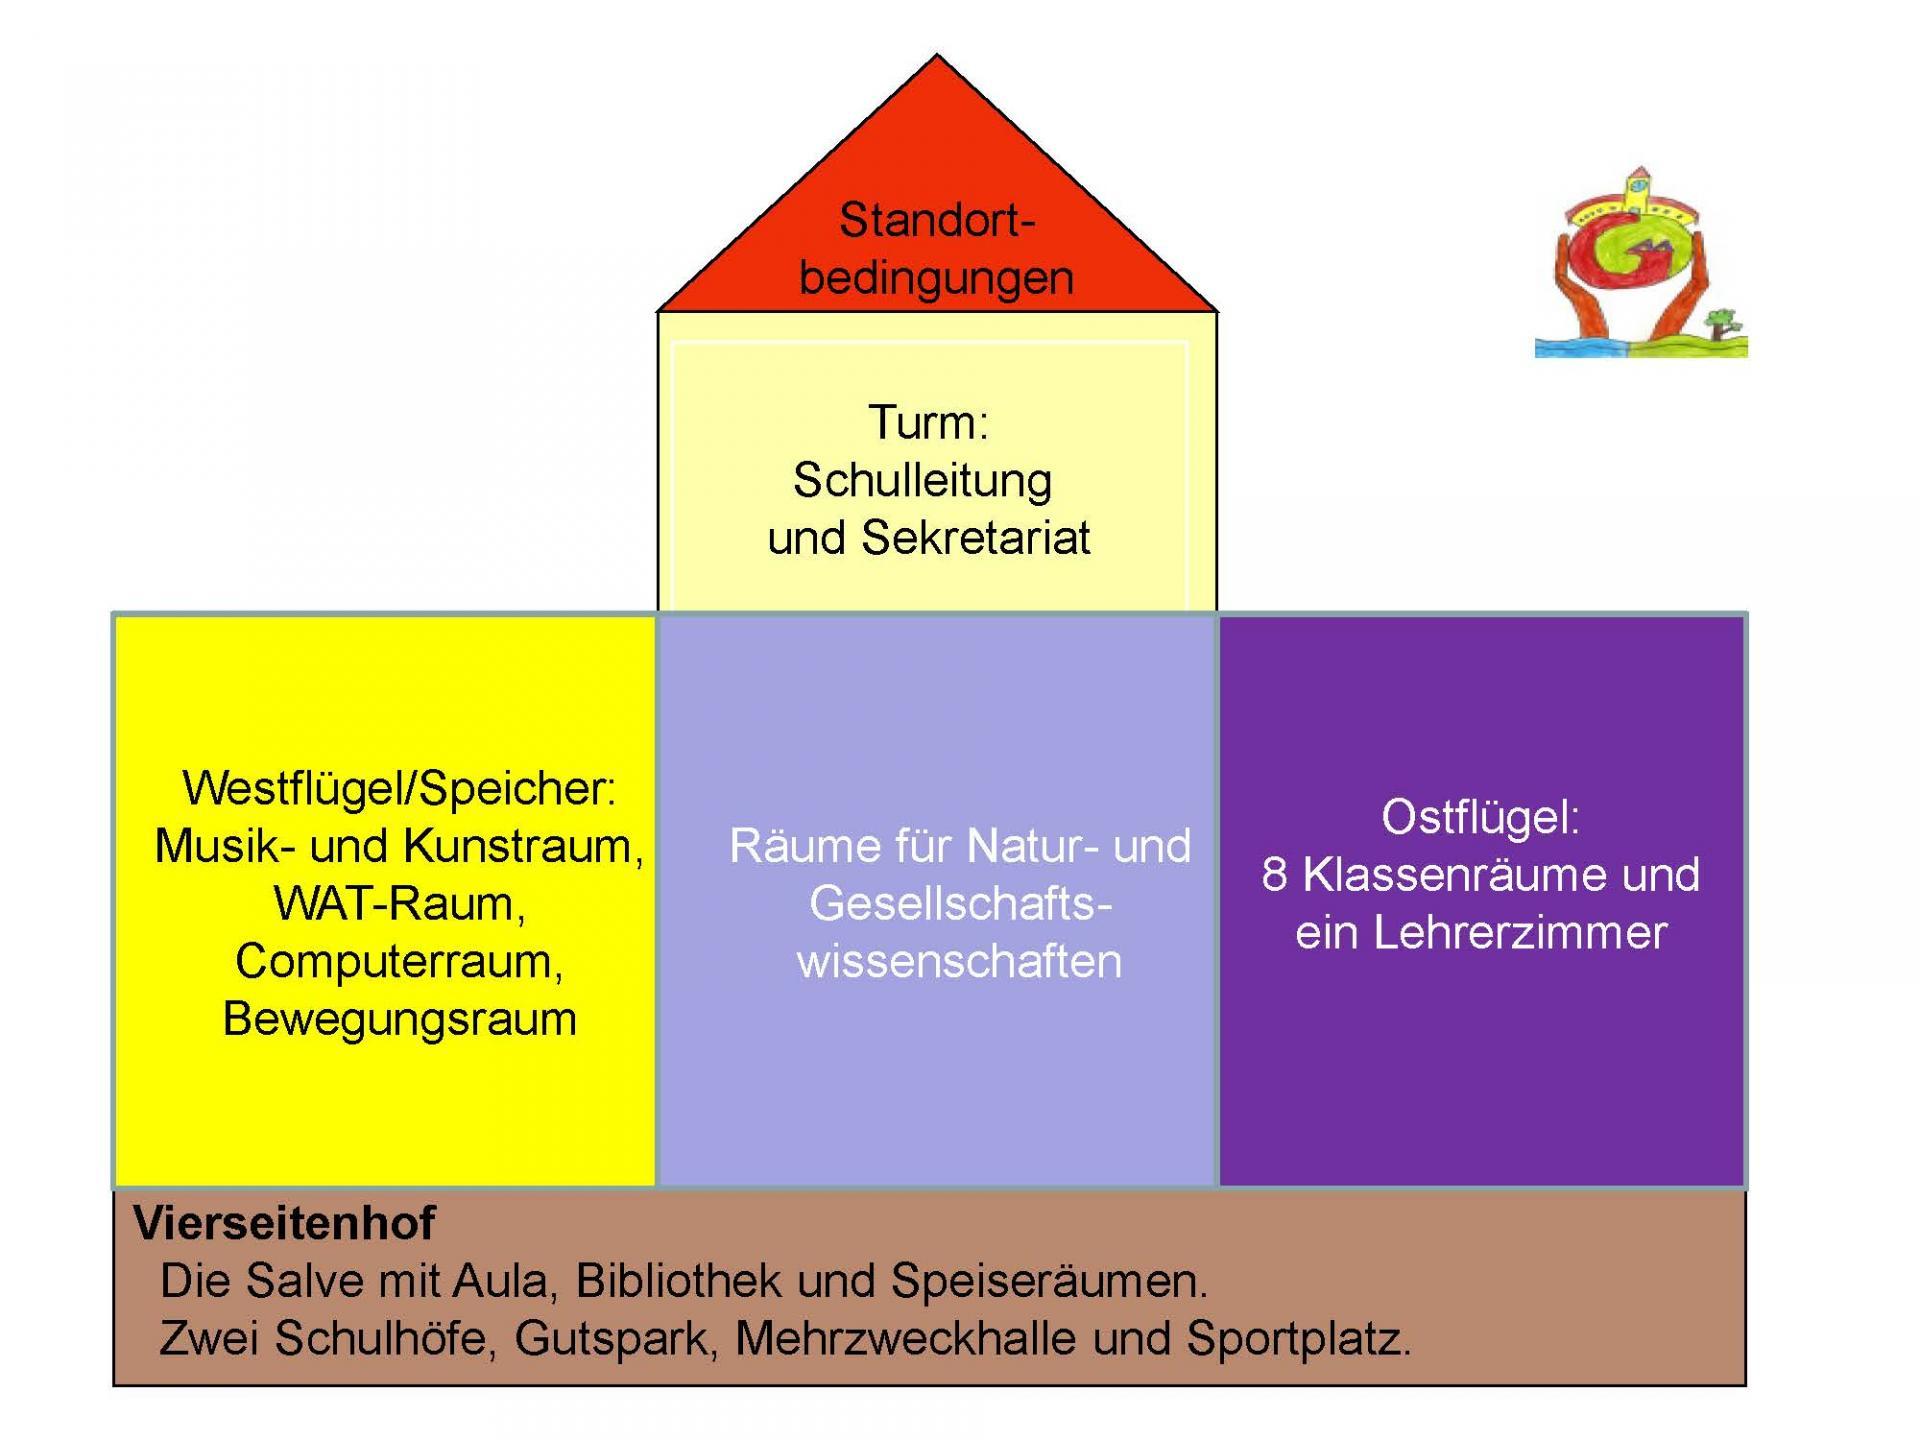 © Foto: Grundschule Groß Machnow - Schulprogramm - Seite 7